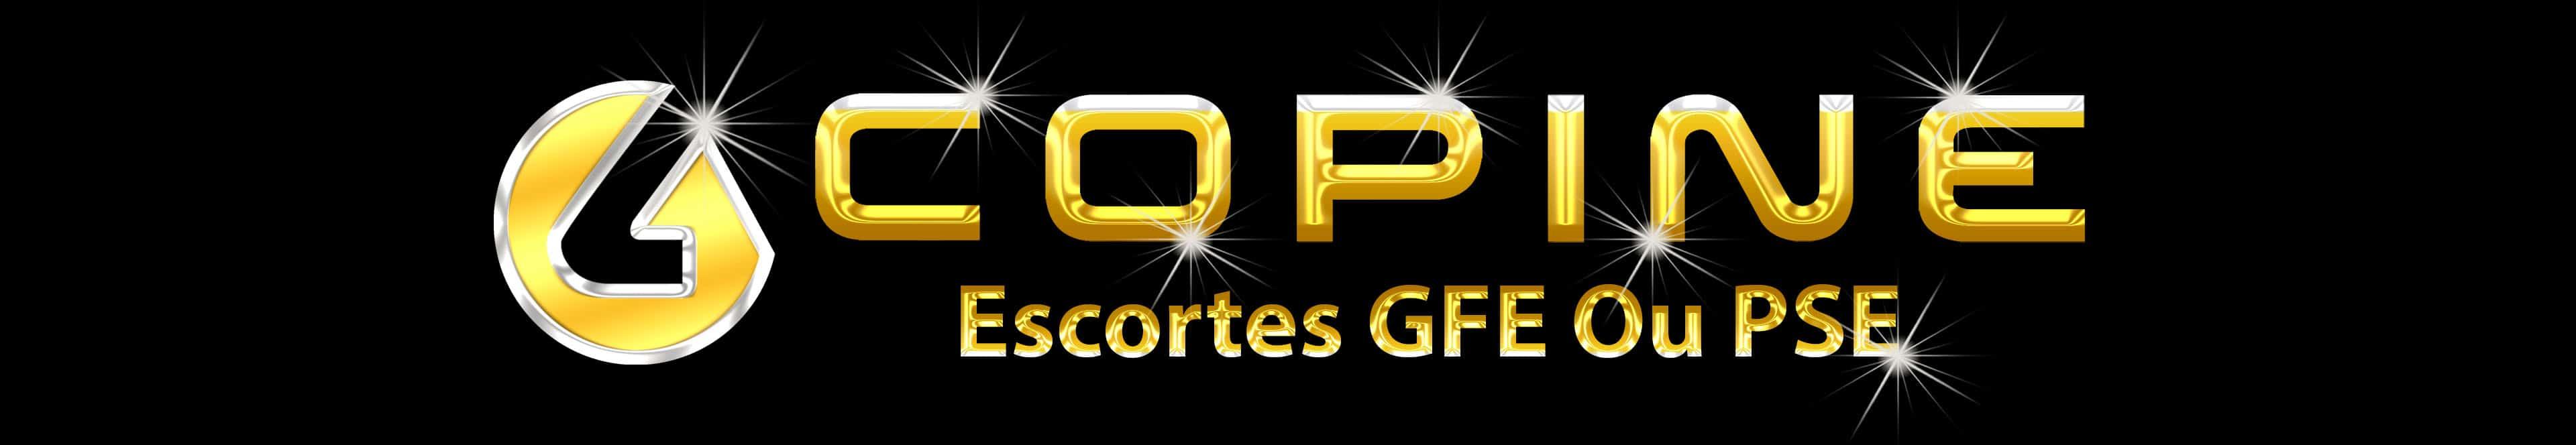 Logo-Division-Absolu-Copine-Escortes-GFE-PSE-Montréal-FR-4K